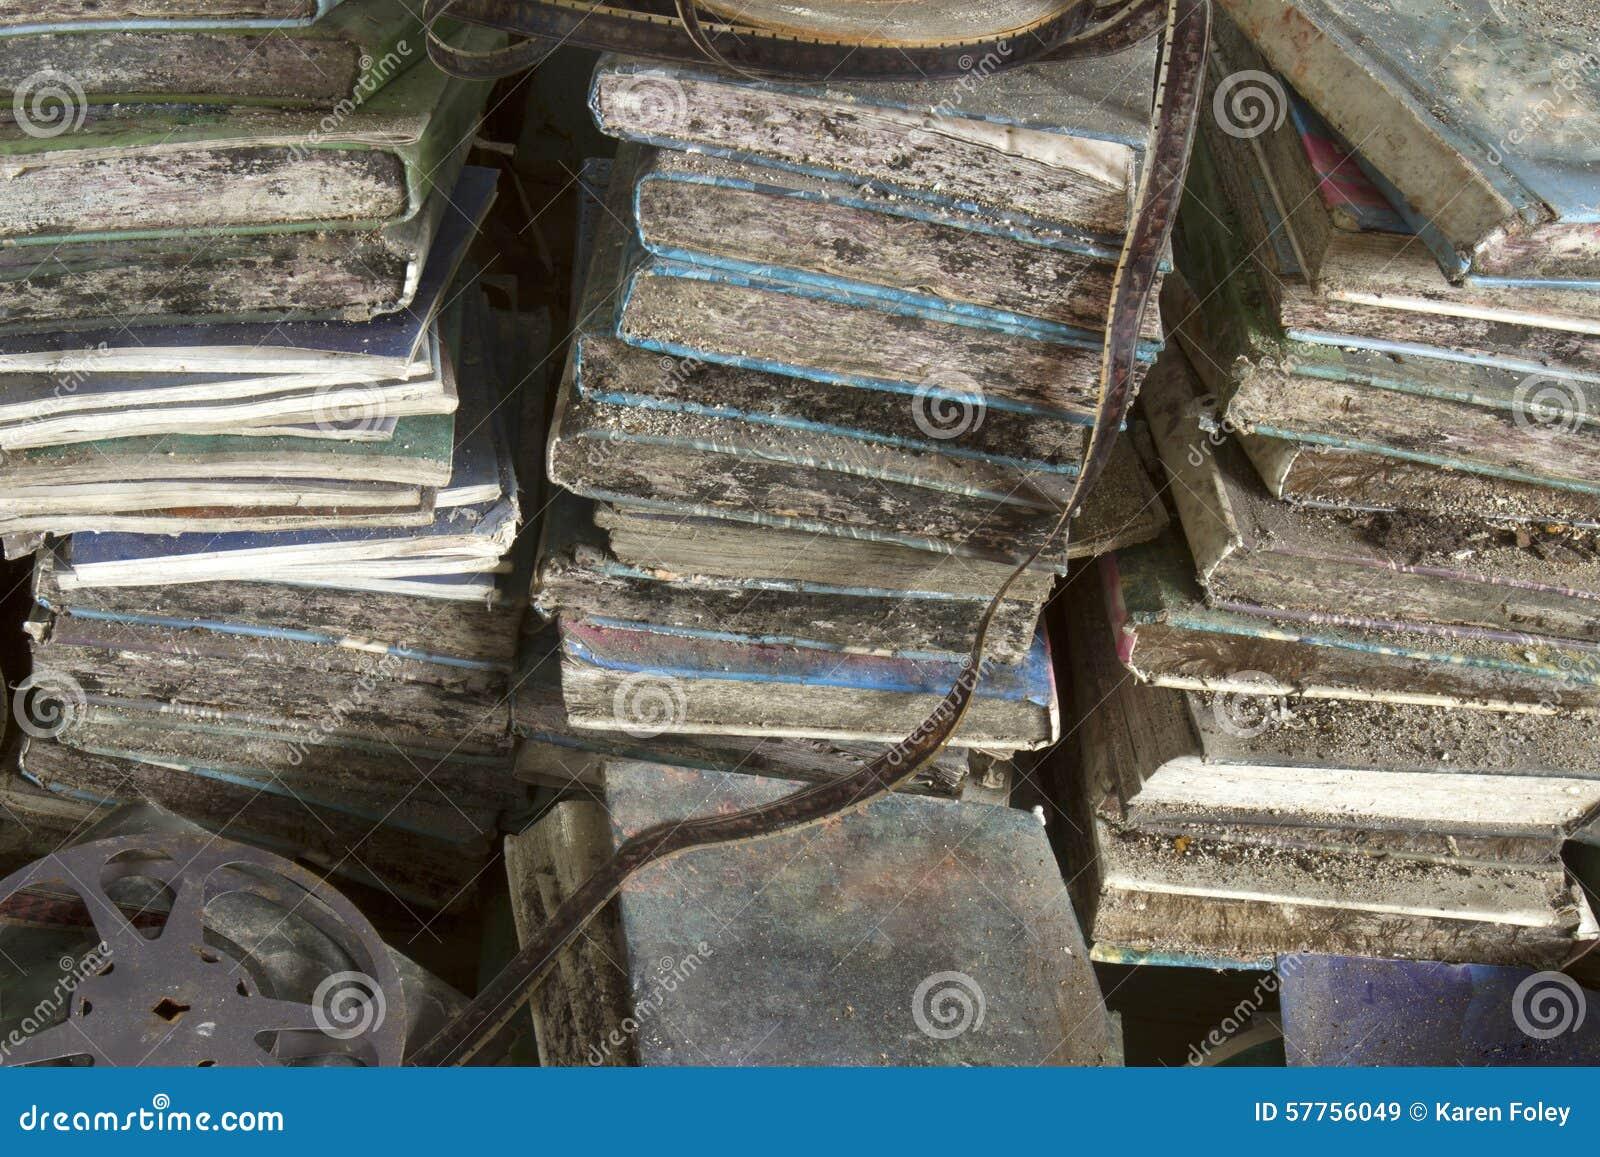 Σαπίζοντας σχολικά βιβλία